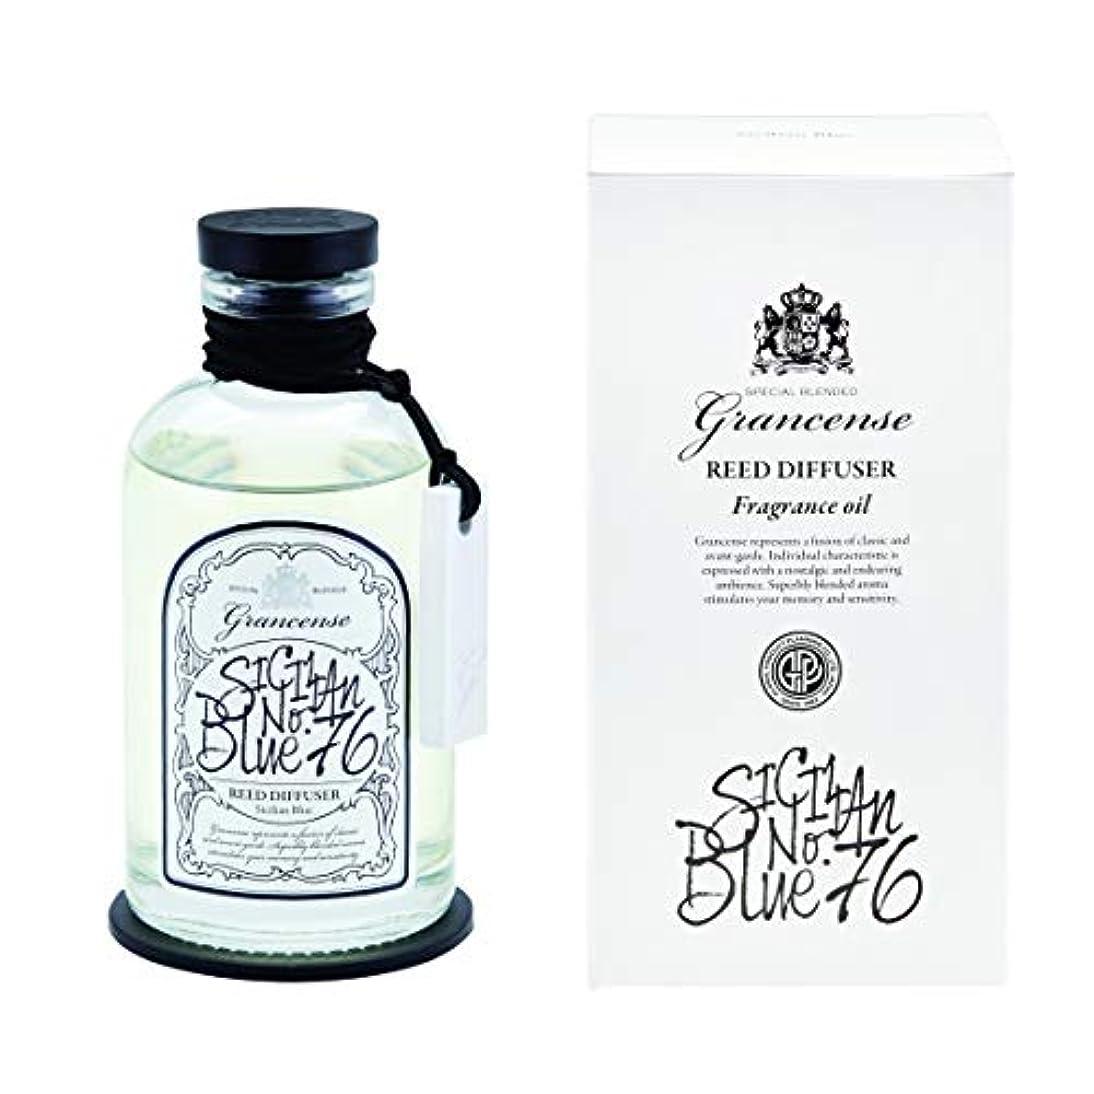 アナウンサー油仕えるグランセンス リードディフューザーフレグランスオイル シチリアンブルー 220ml(室内用芳香剤?ルームフレグランス?アロマディフューザー レモンやライムの爽快なシトラスノートは清涼感を感じさせる香り)